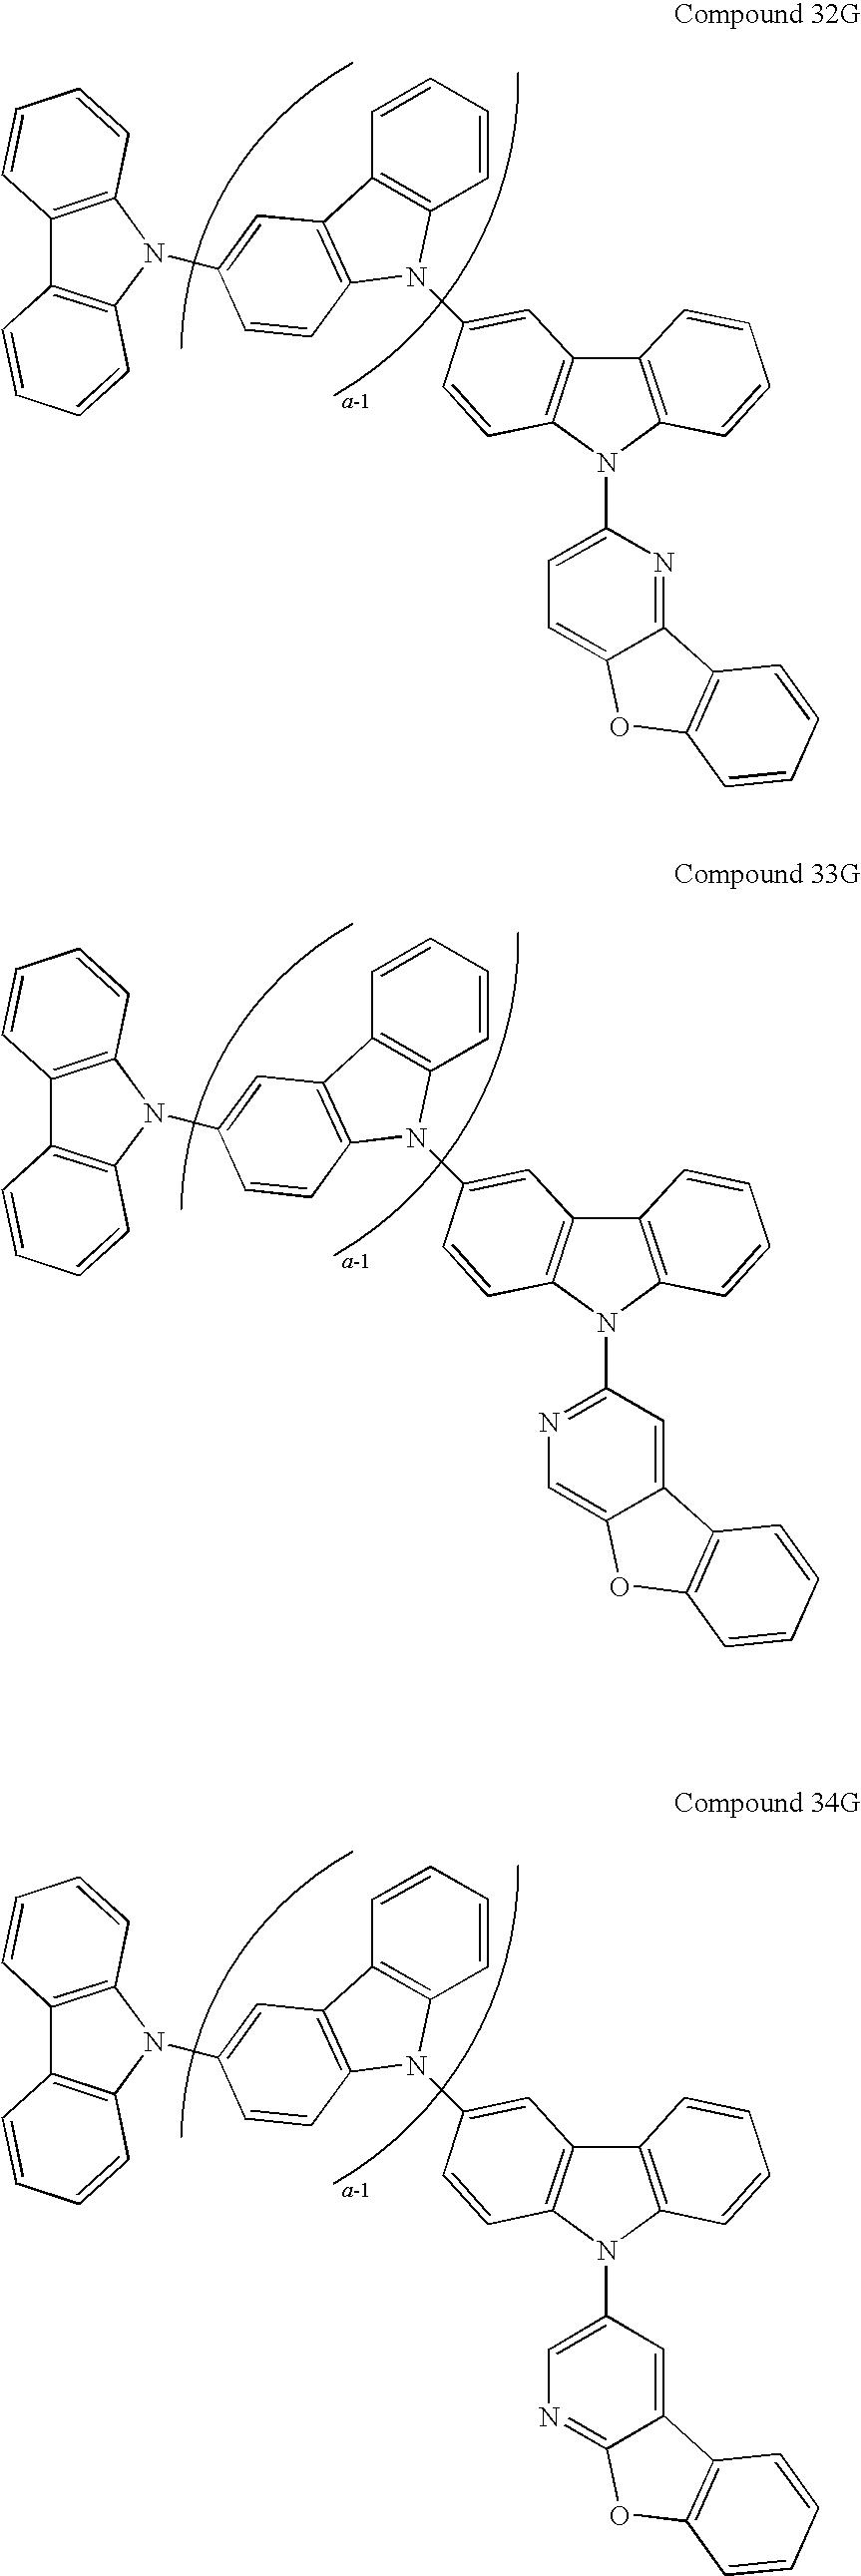 Figure US20090134784A1-20090528-C00187